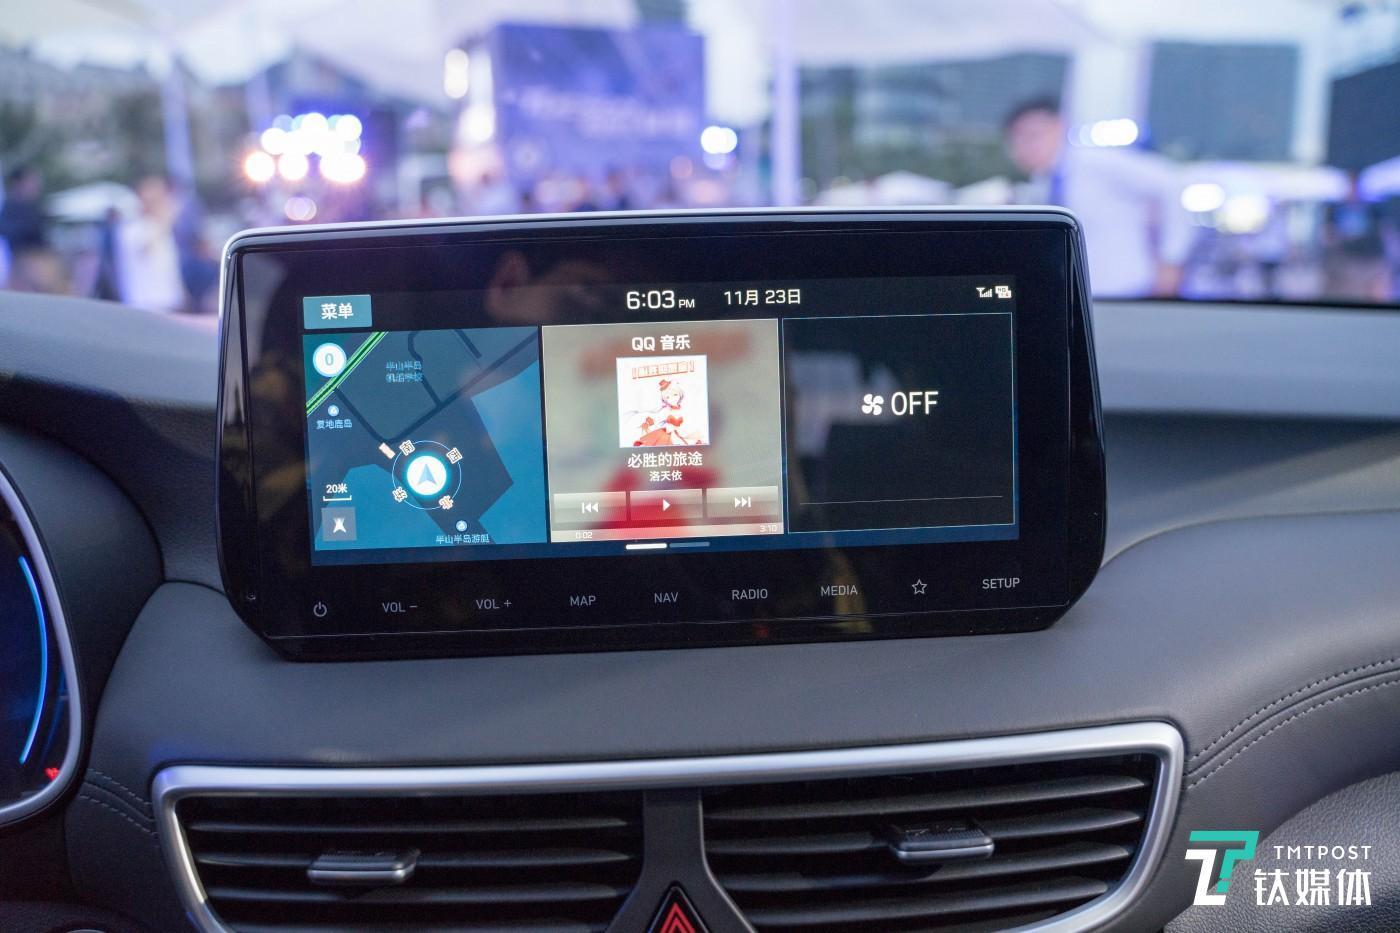 车内系统上增加了更多智能互联功能